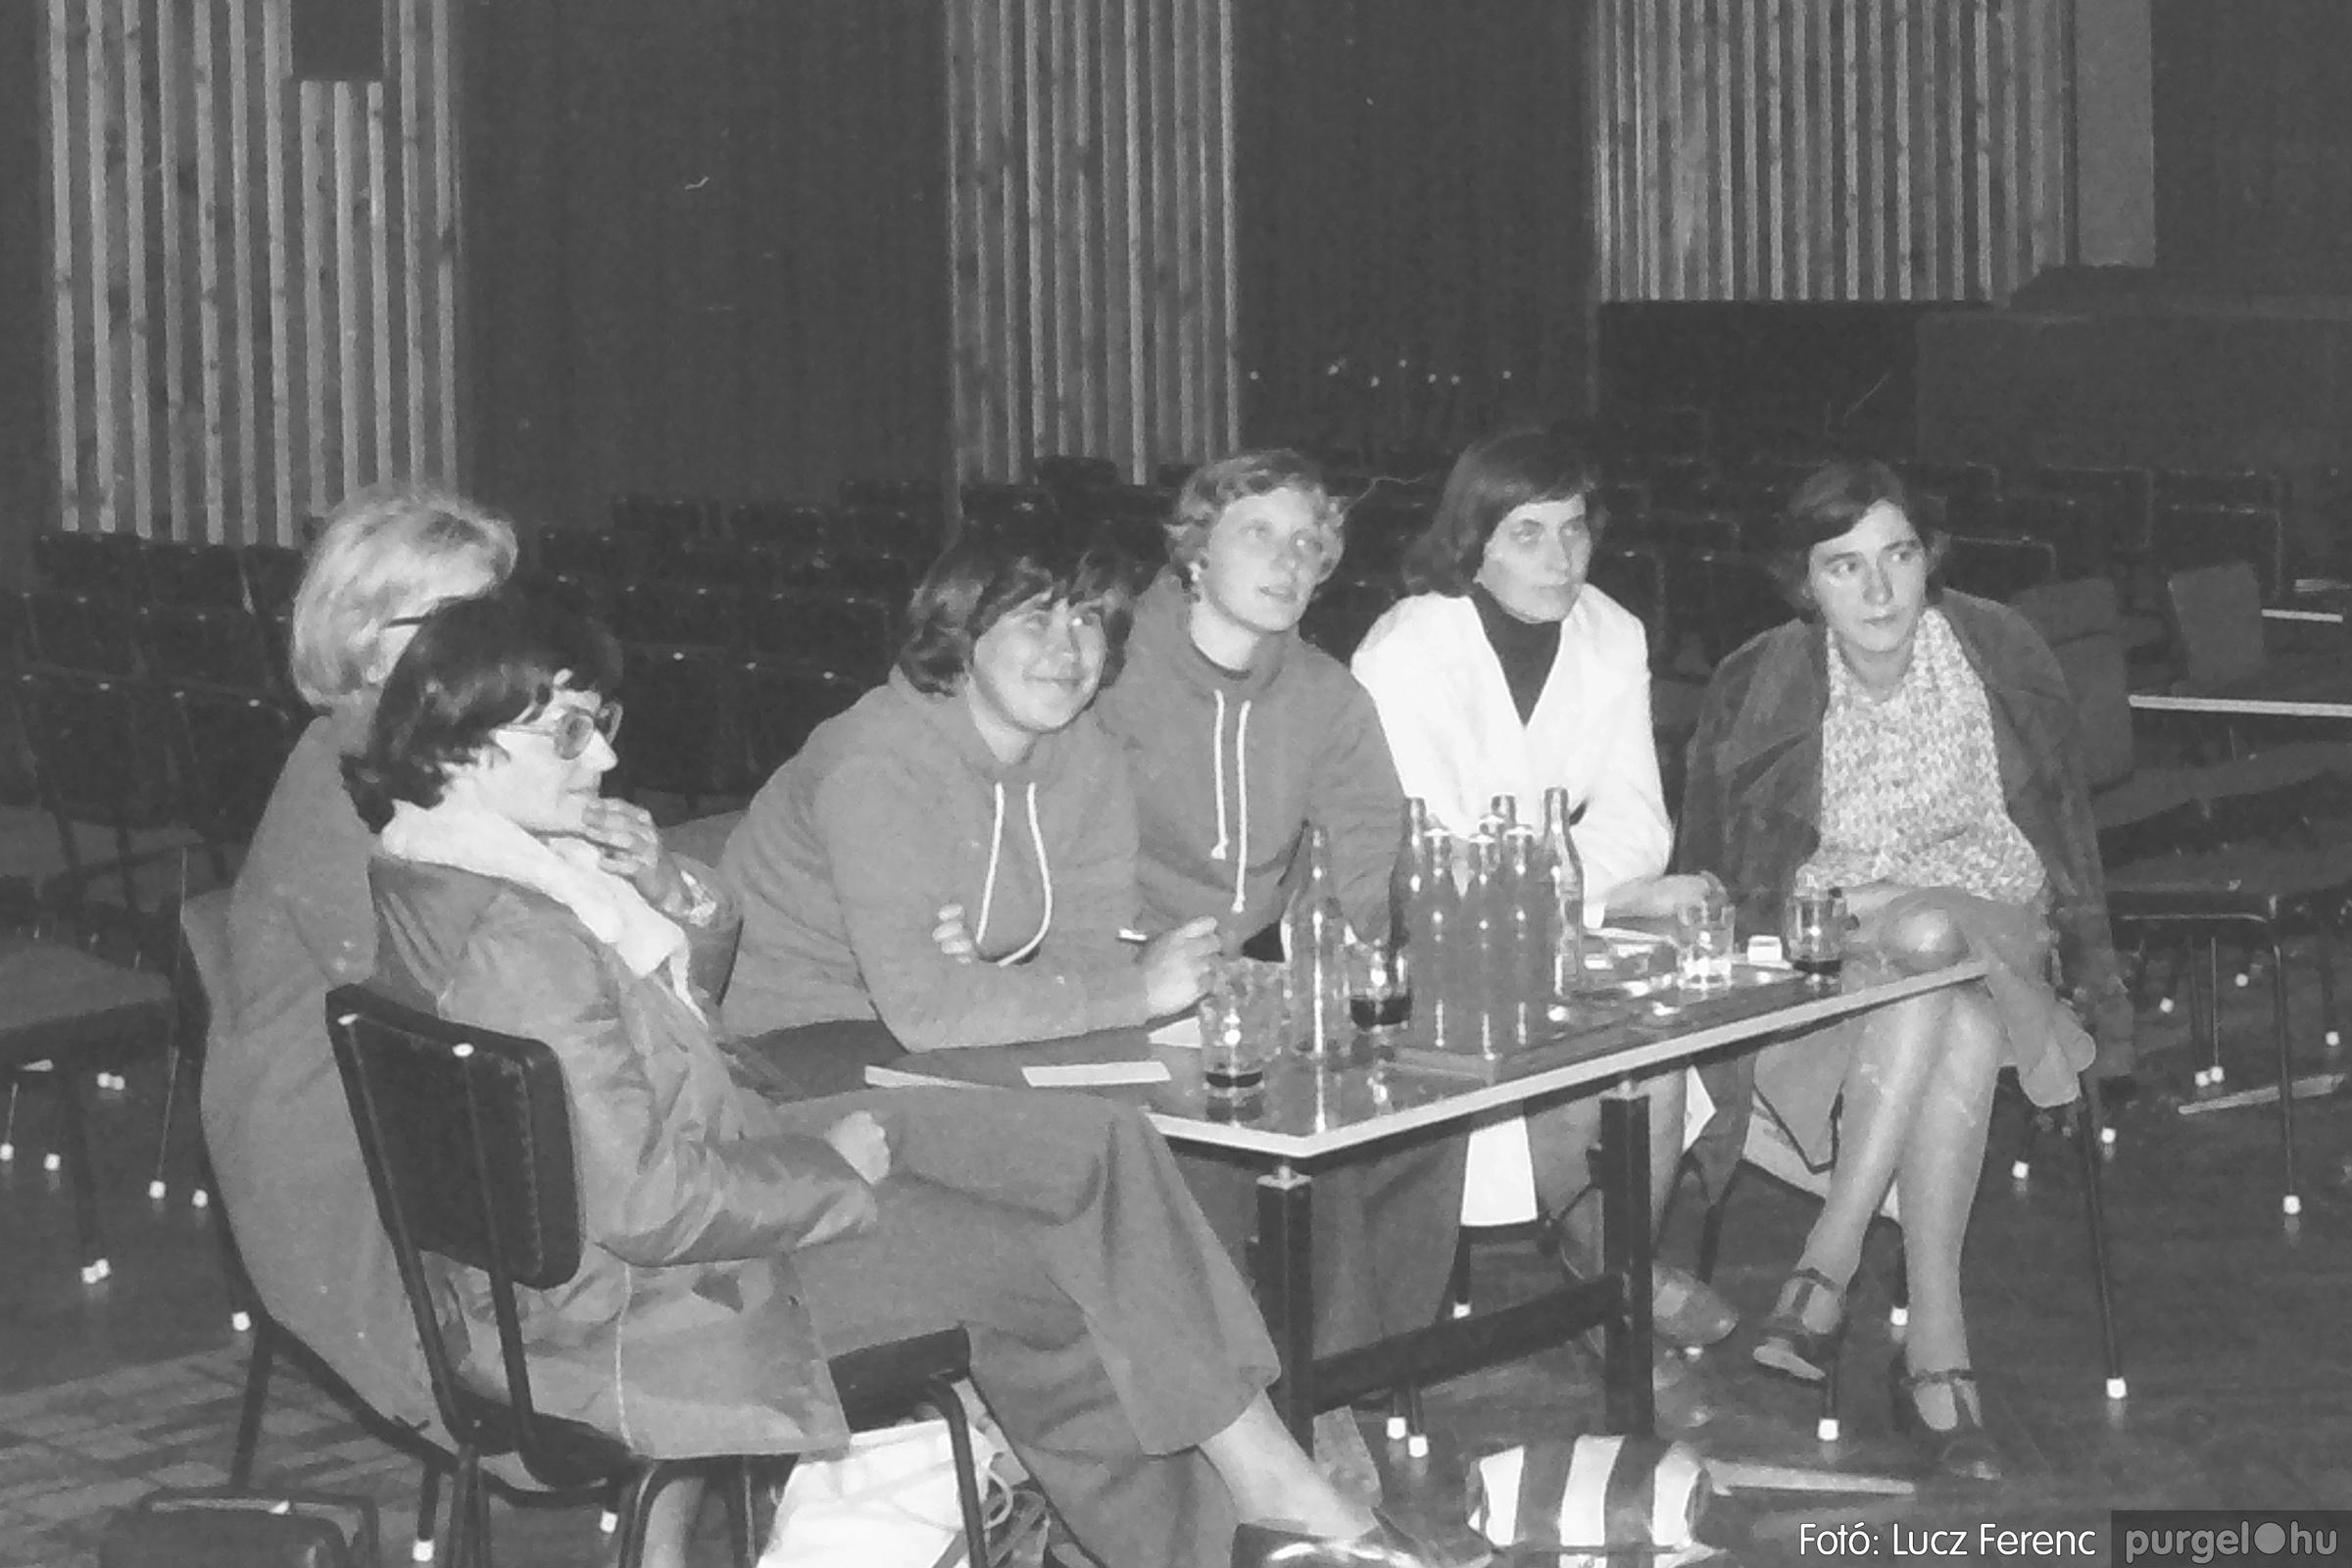 090. 1977. Puskin TSZ szocialista brigád vetélkedője 001. - Fotó: Lucz Ferenc.jpg